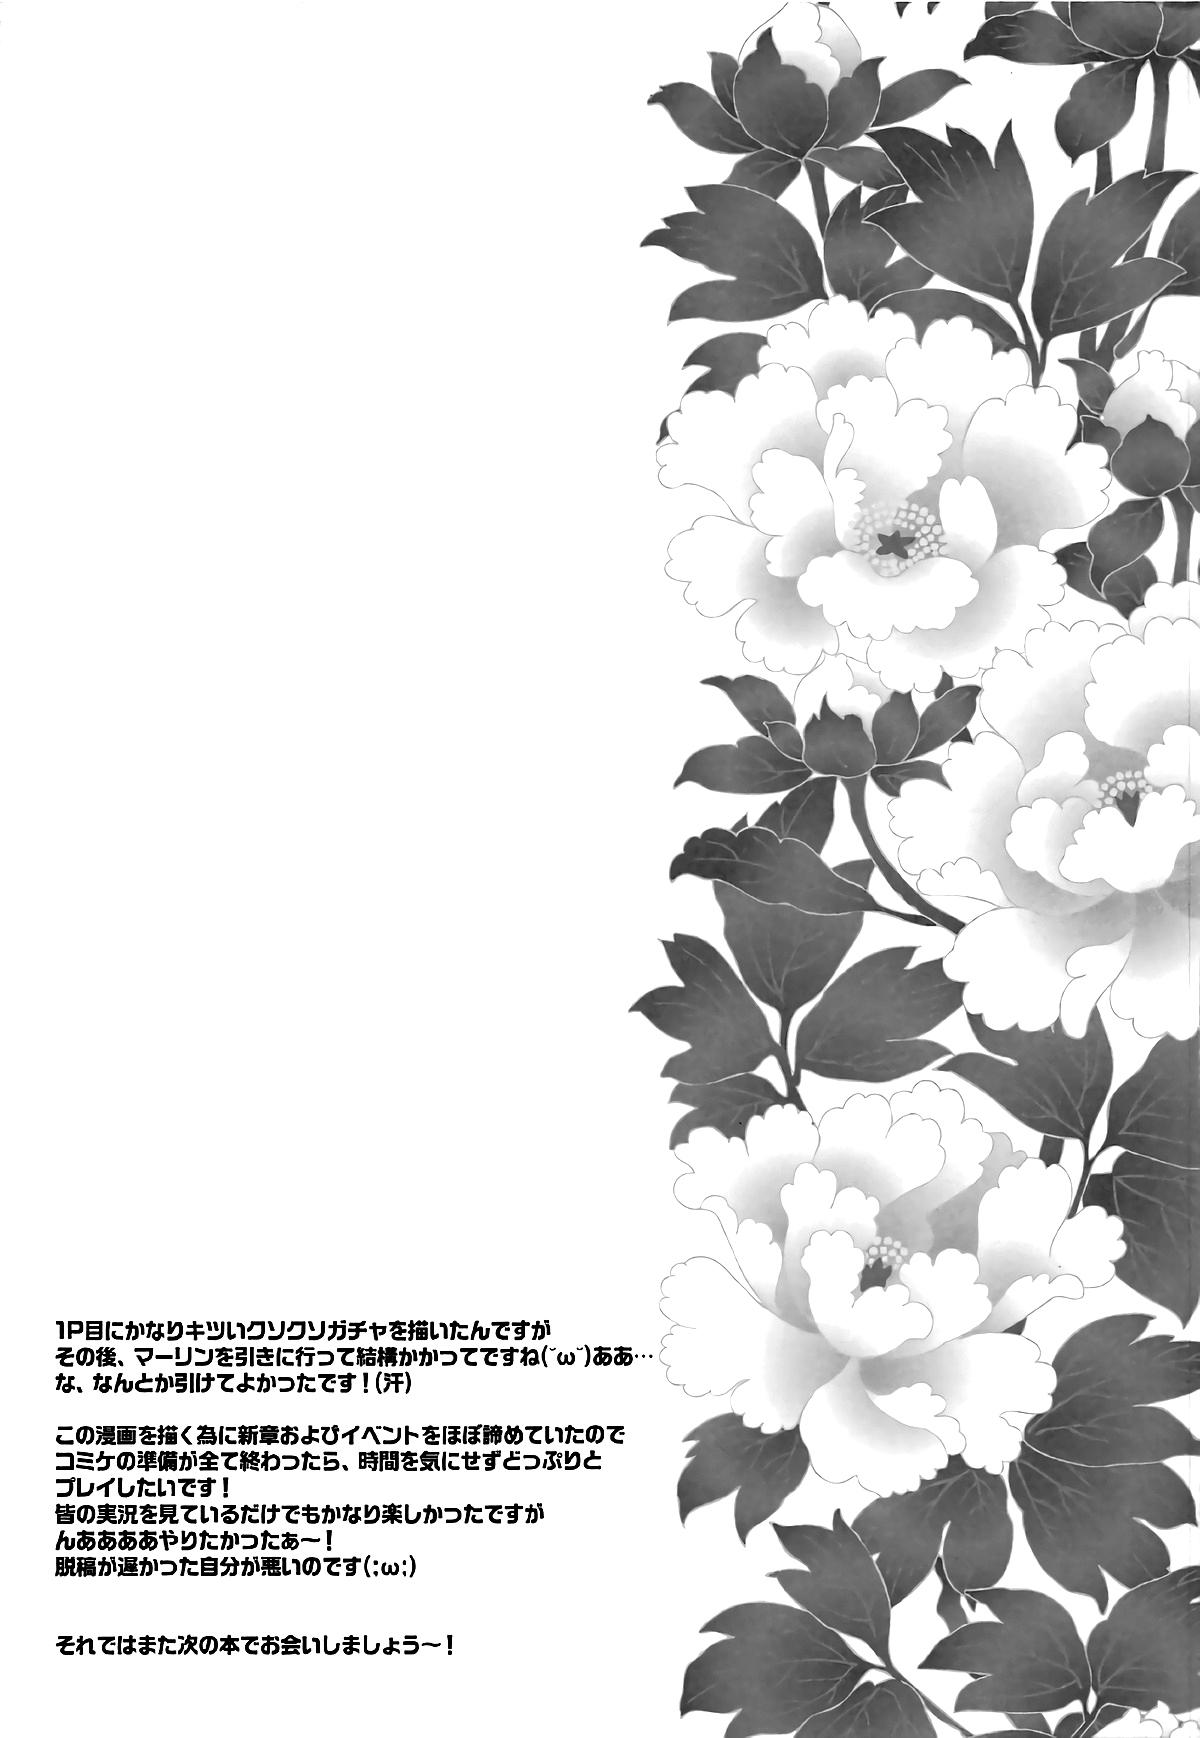 Hình ảnh  trong bài viết Truyện hentai Chimimouryou Kikikaikai